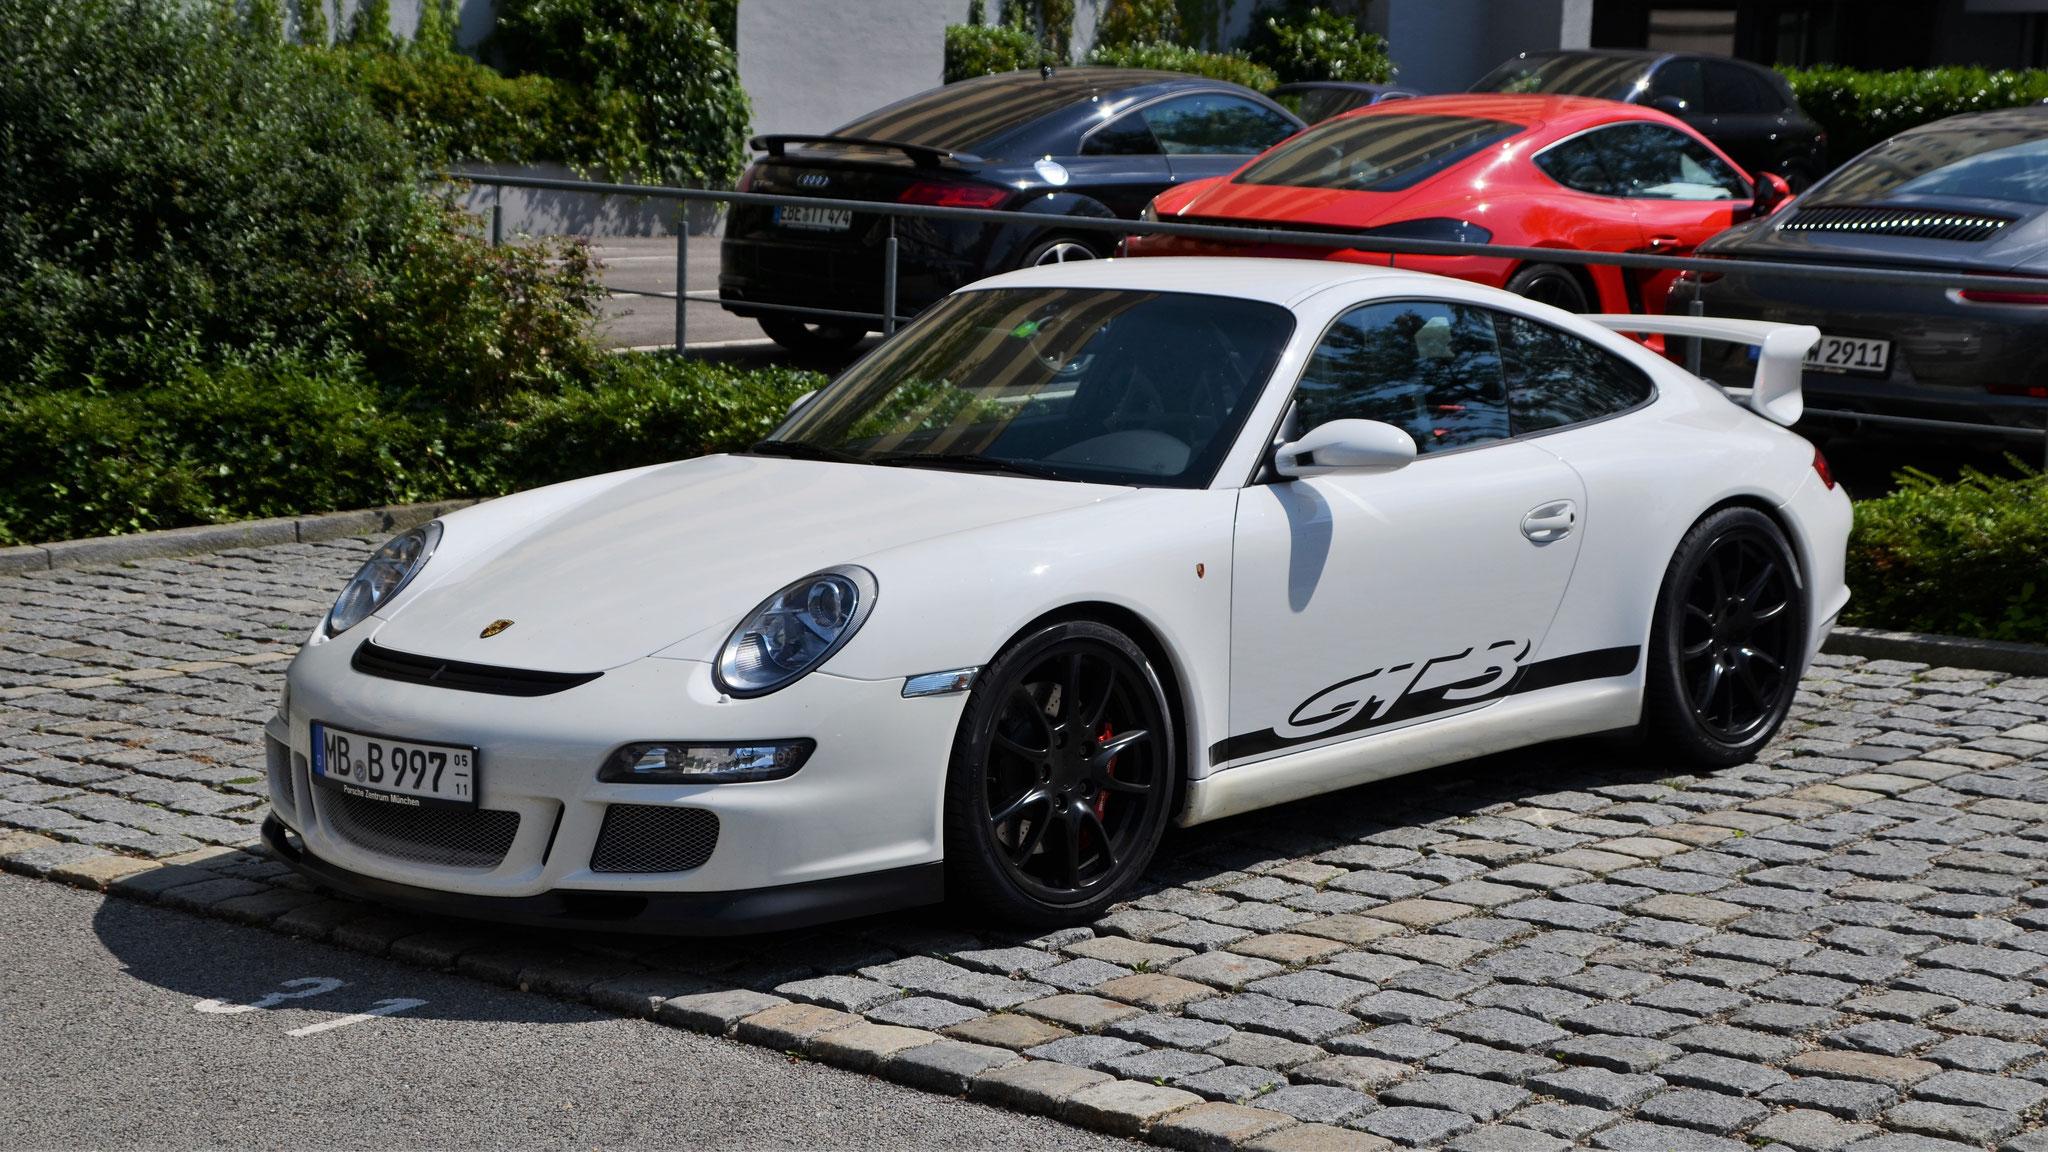 Porsche GT3 997 - MB-B-997